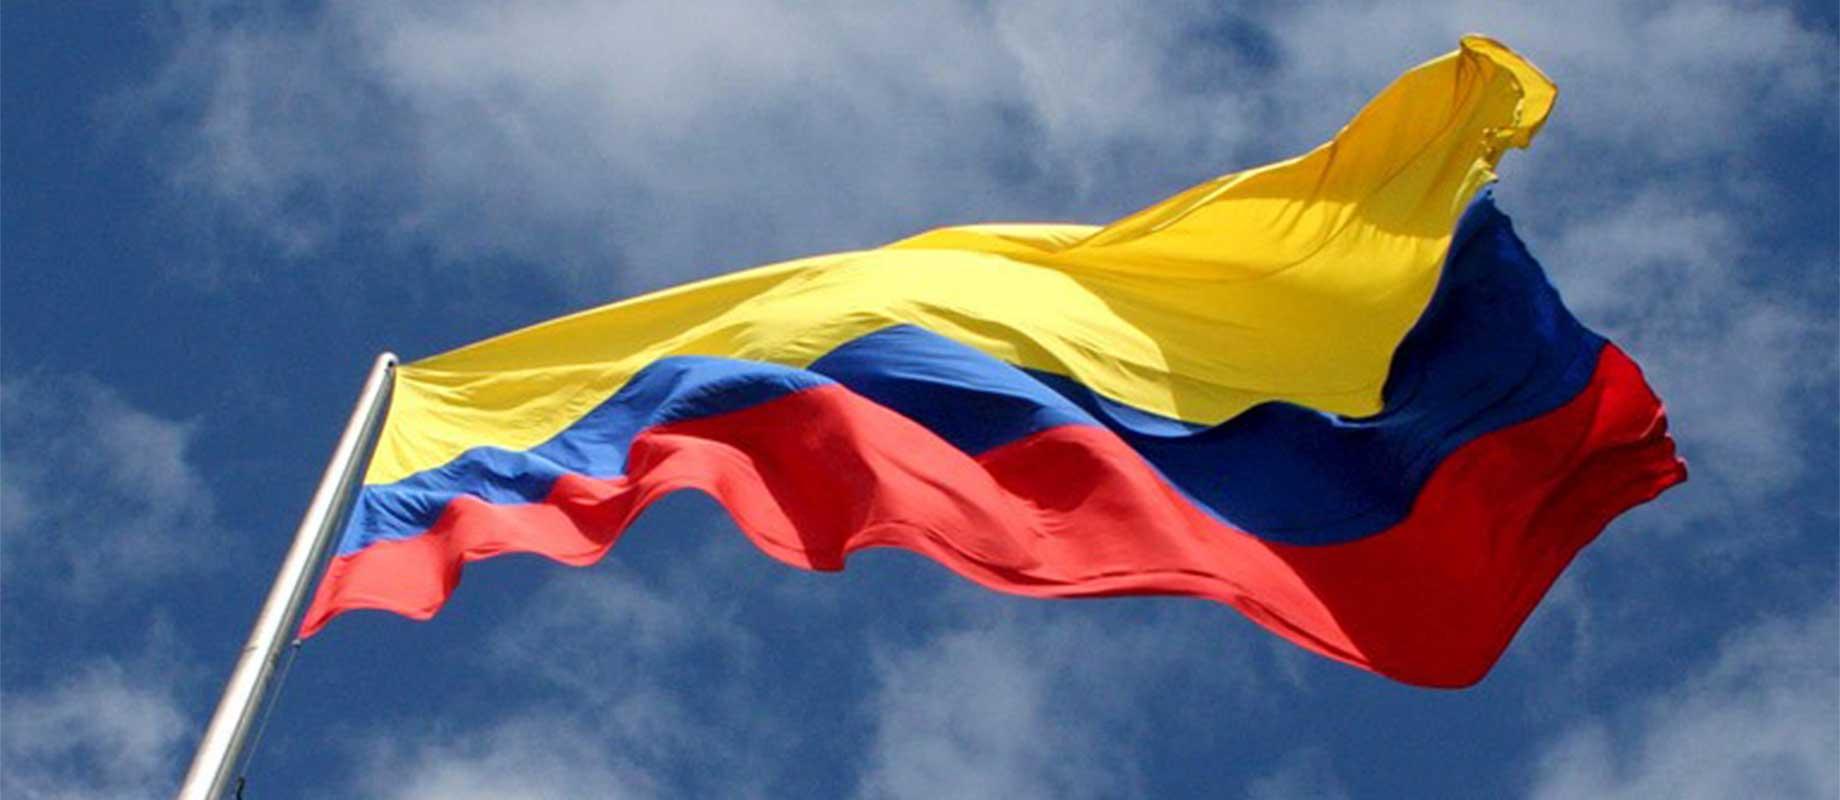 Bandera de Colombia. Foto: